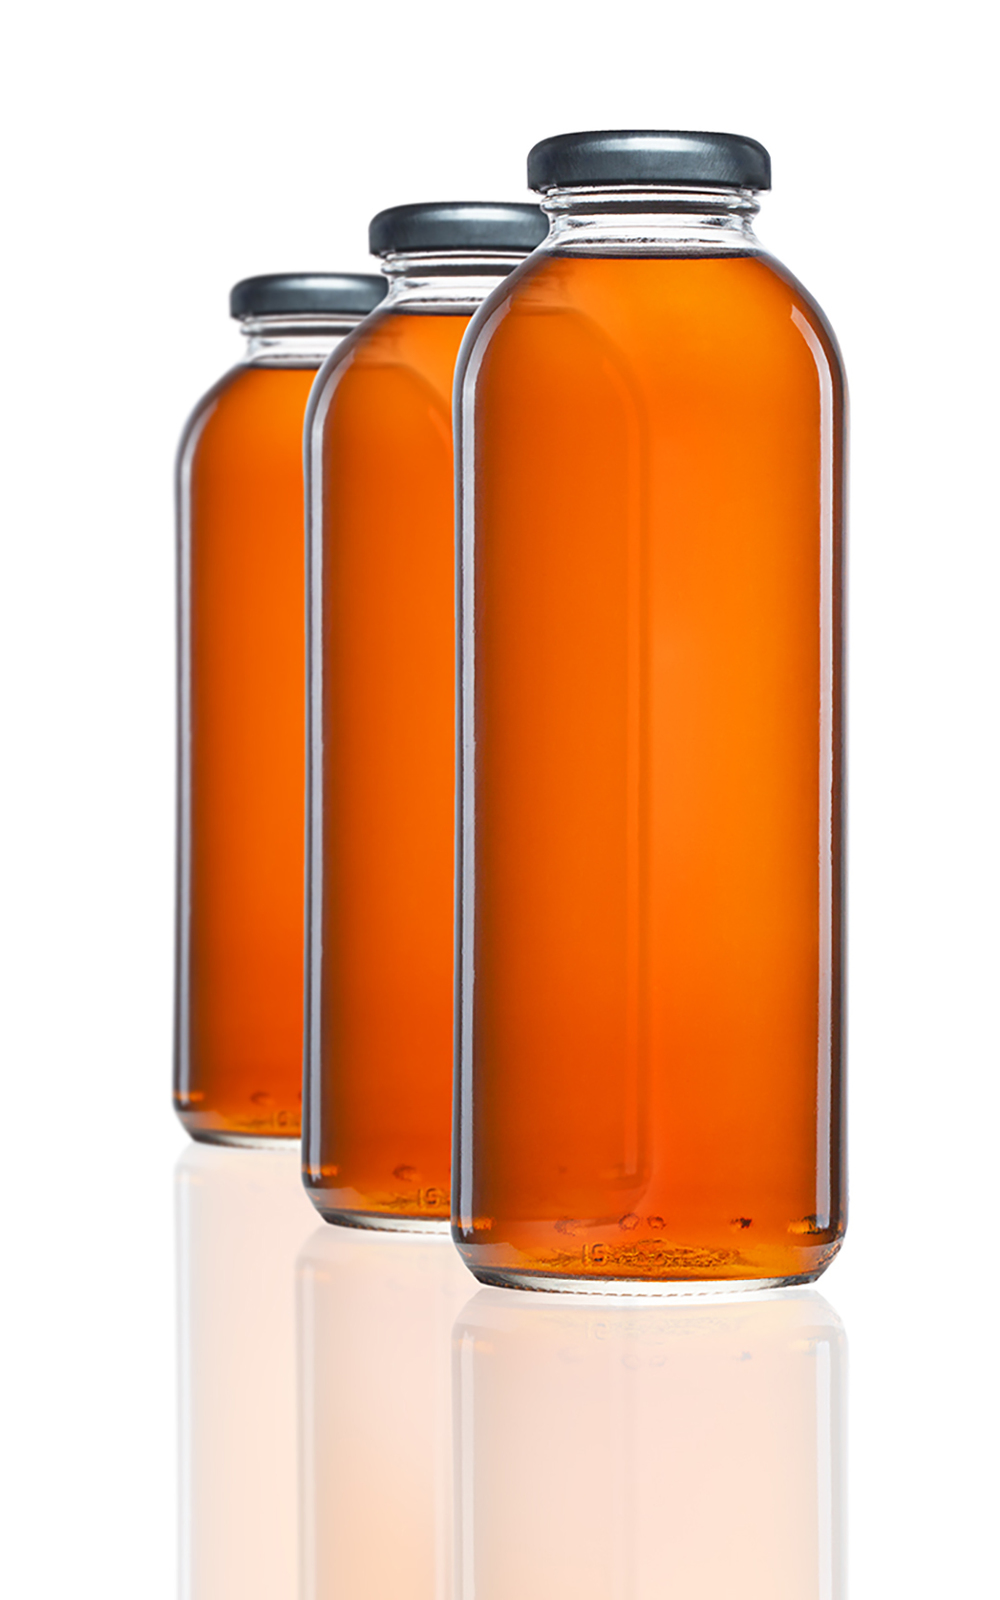 3_Bottles.jpg